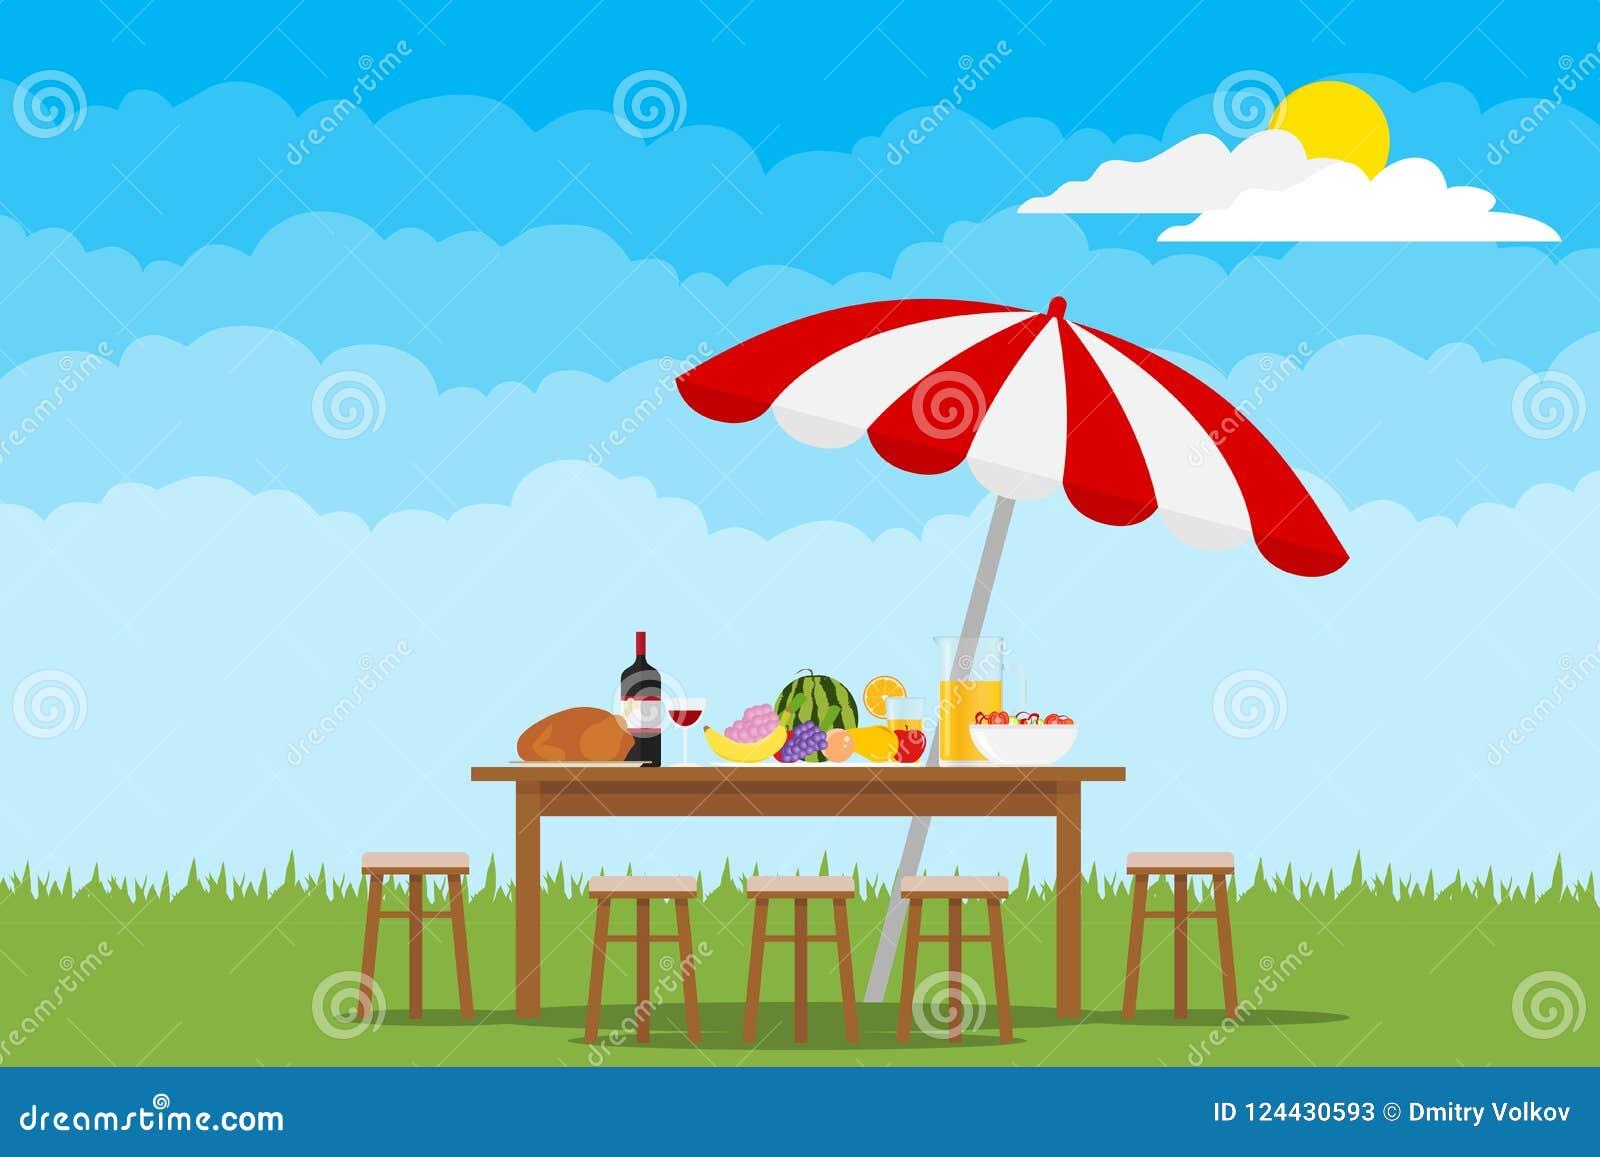 Picknick in der Natur Eine Tabelle mit Lebensmittel und Stühle auf grünem Gras